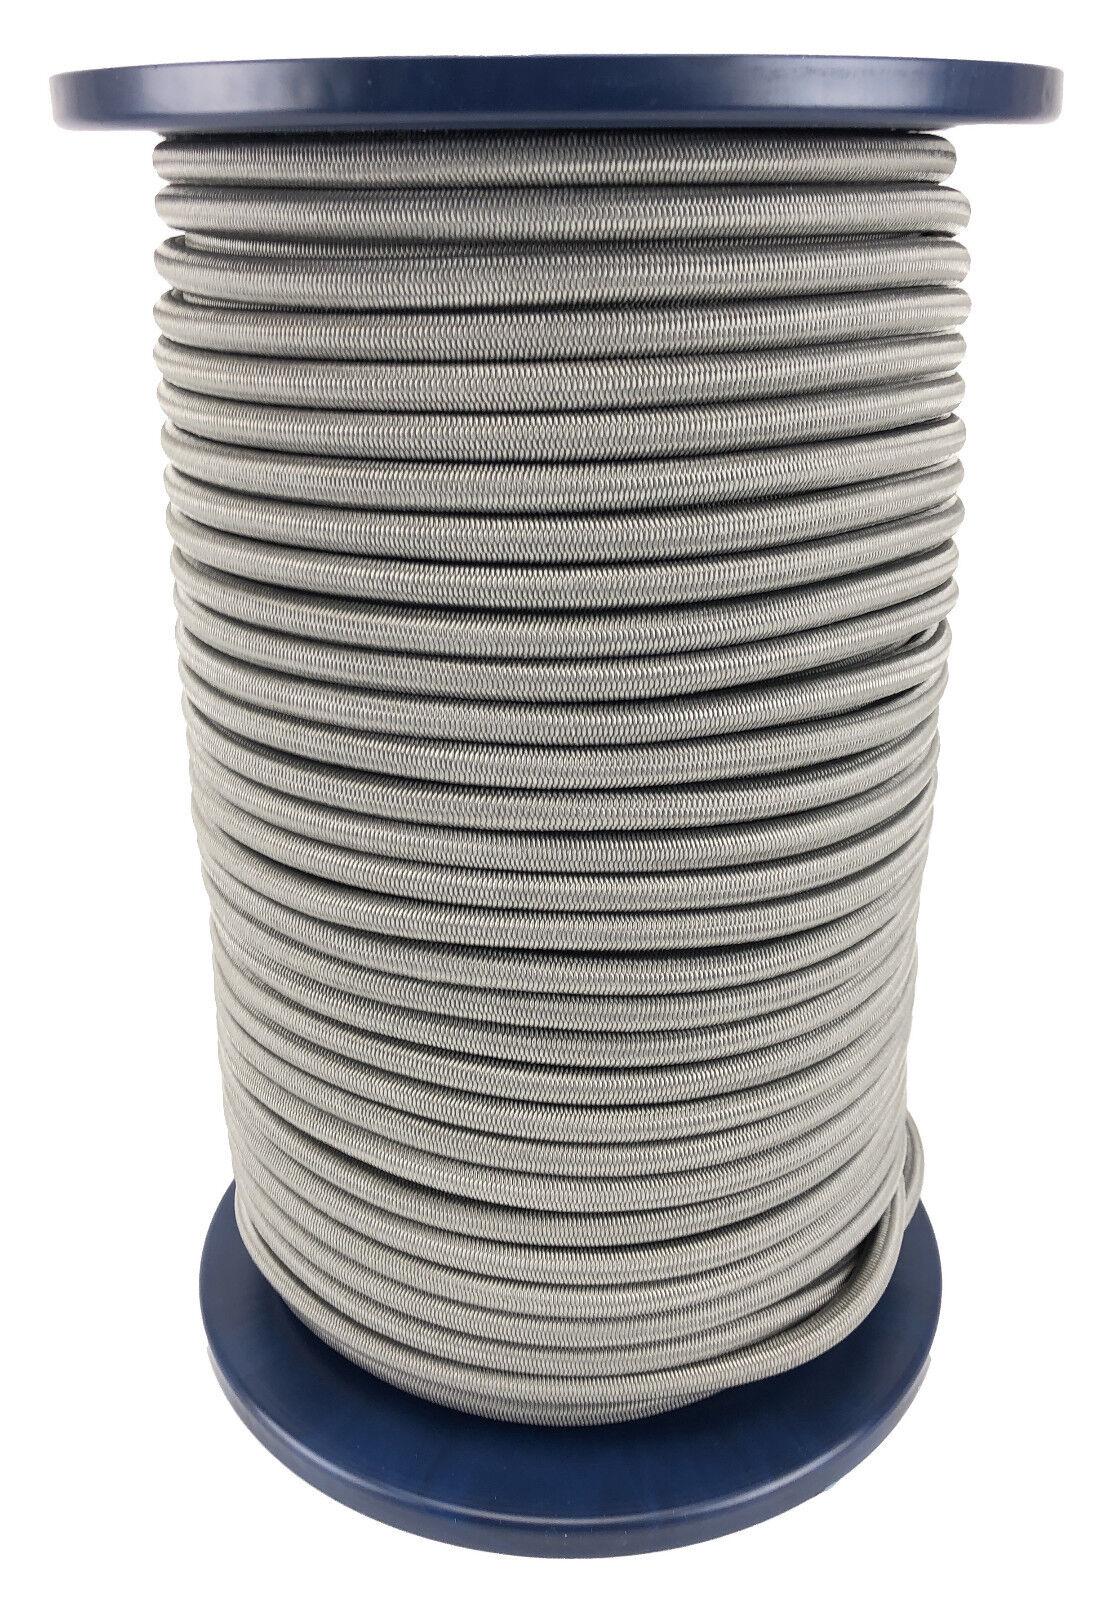 12 mm grau elastisches Gummi seil. Gummiseil festbinden x 50 Metre Rolle